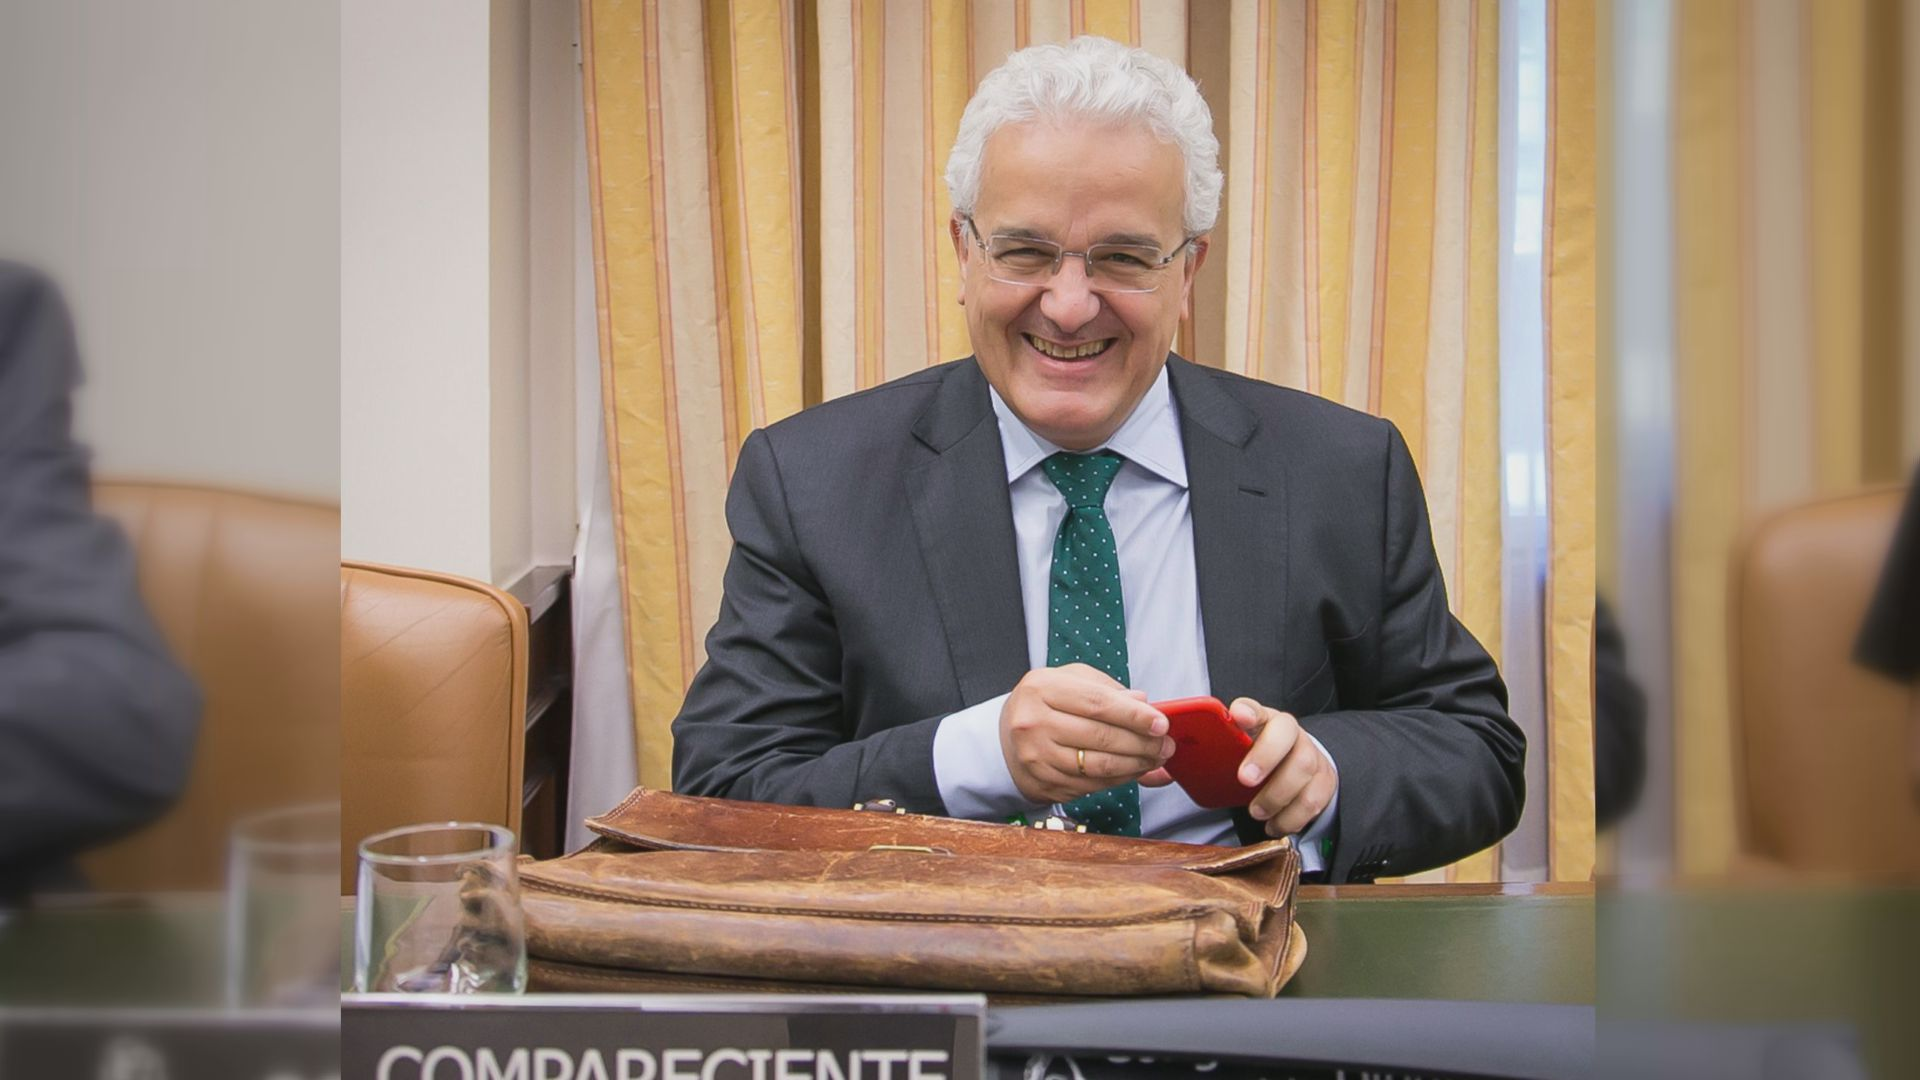 ILDEFONSO CASTRO (embajador en Irlanda) - tiene un patrimonio de 273.610 euros